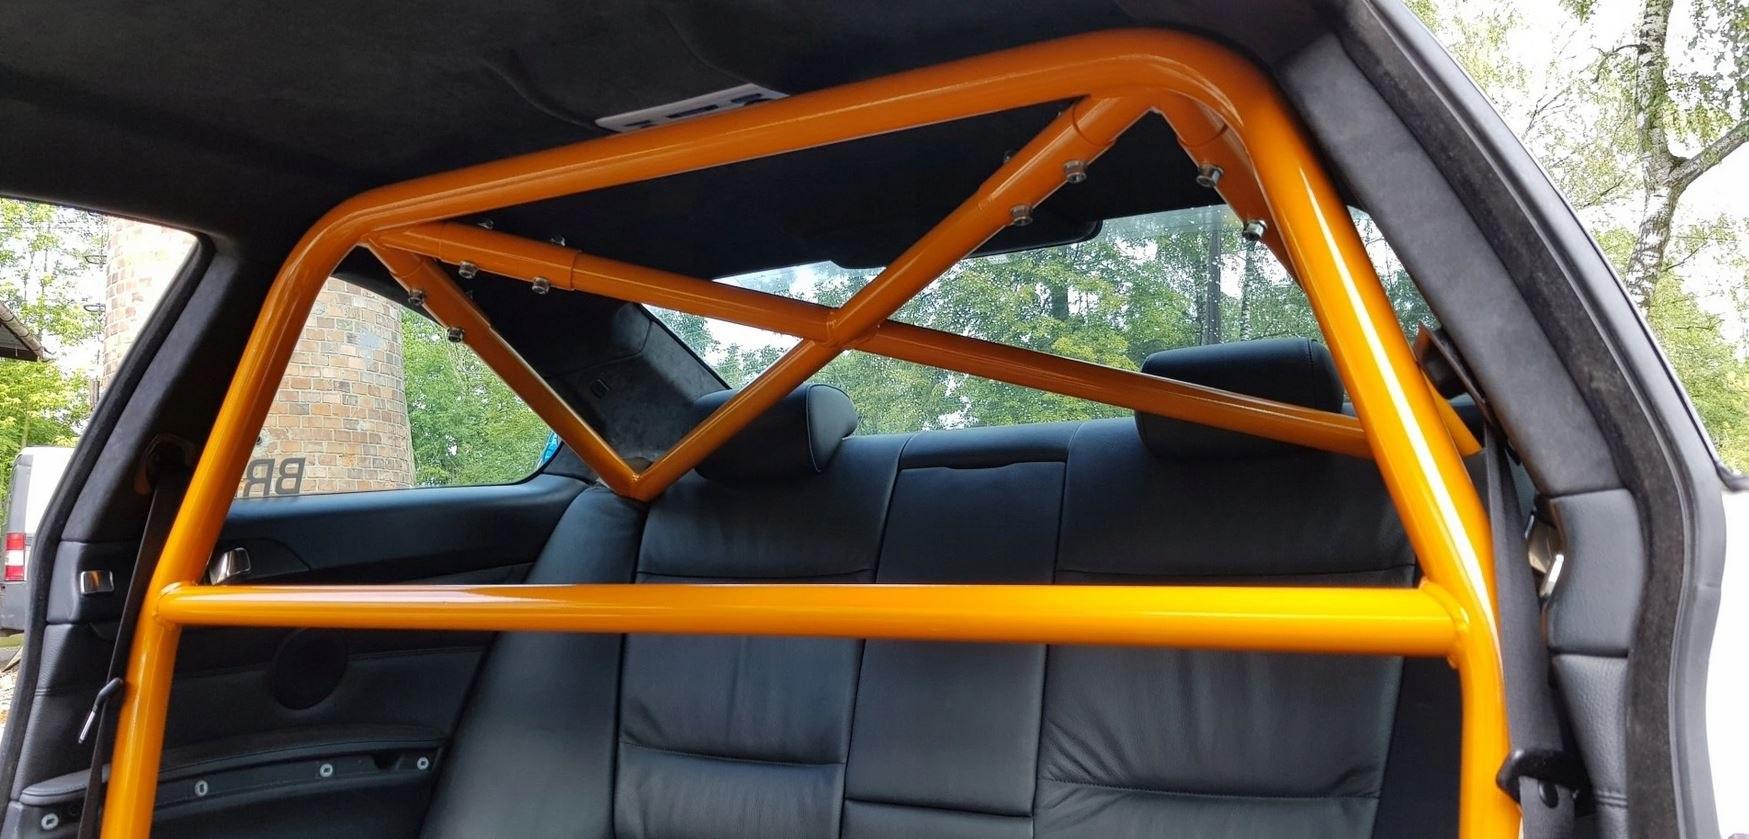 Rollbar BMW e92 m Pakiet power coupe - GRUBYGARAGE - Sklep Tuningowy